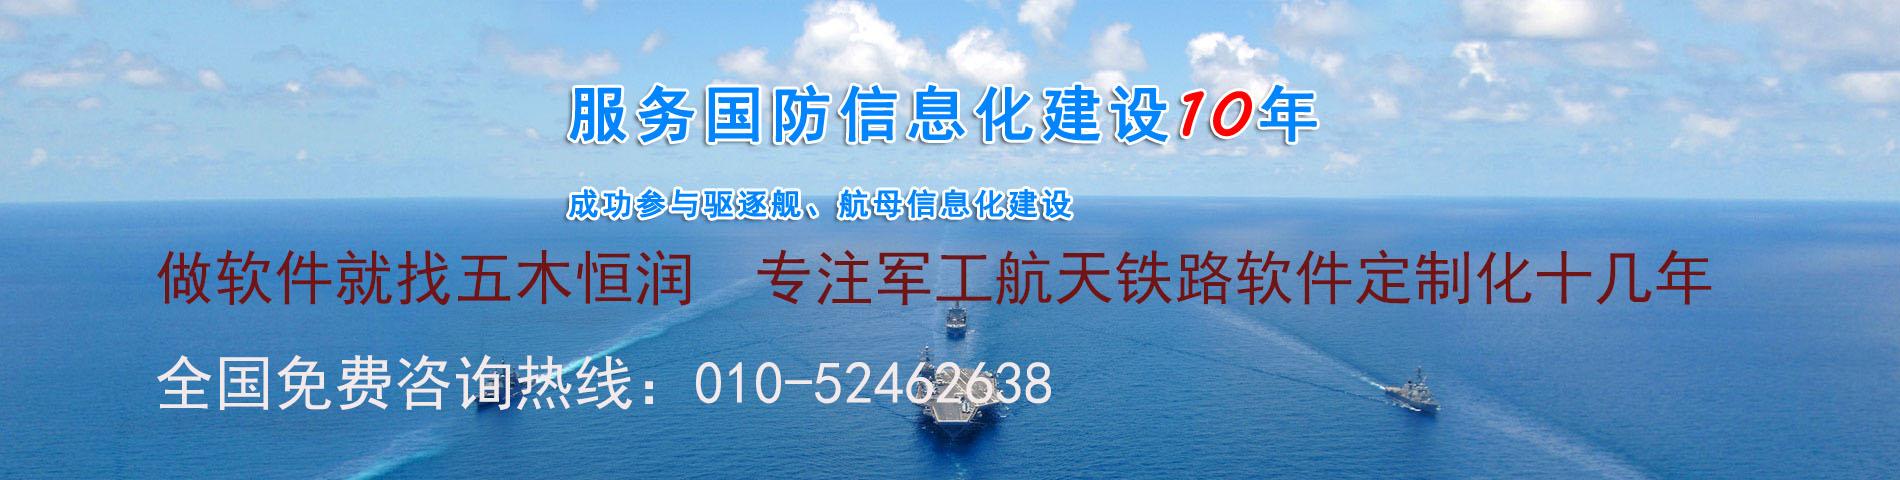 军队枪械指纹管理系统解决方案-北京软件开发公司五木恒润